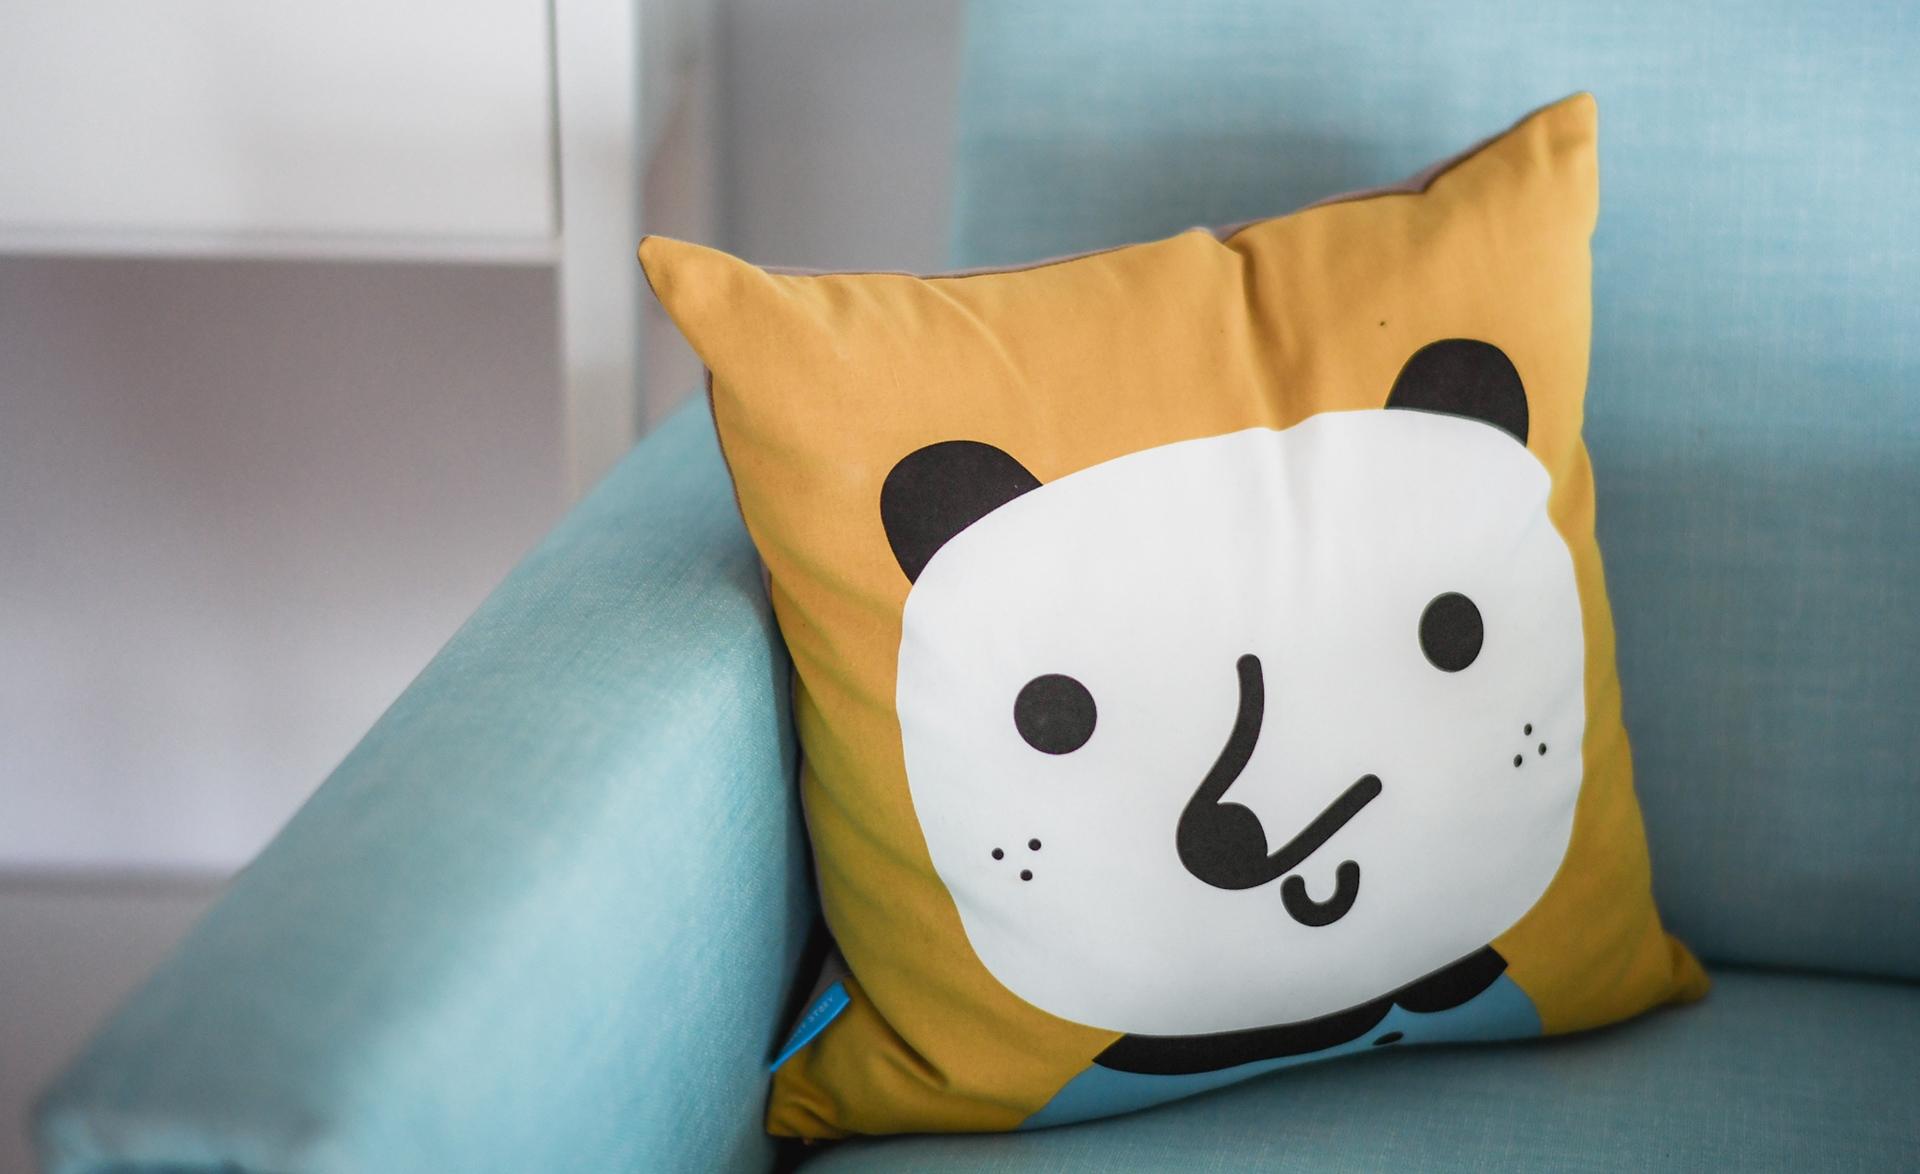 Creazione sito web per mobilifici cuscino con panda